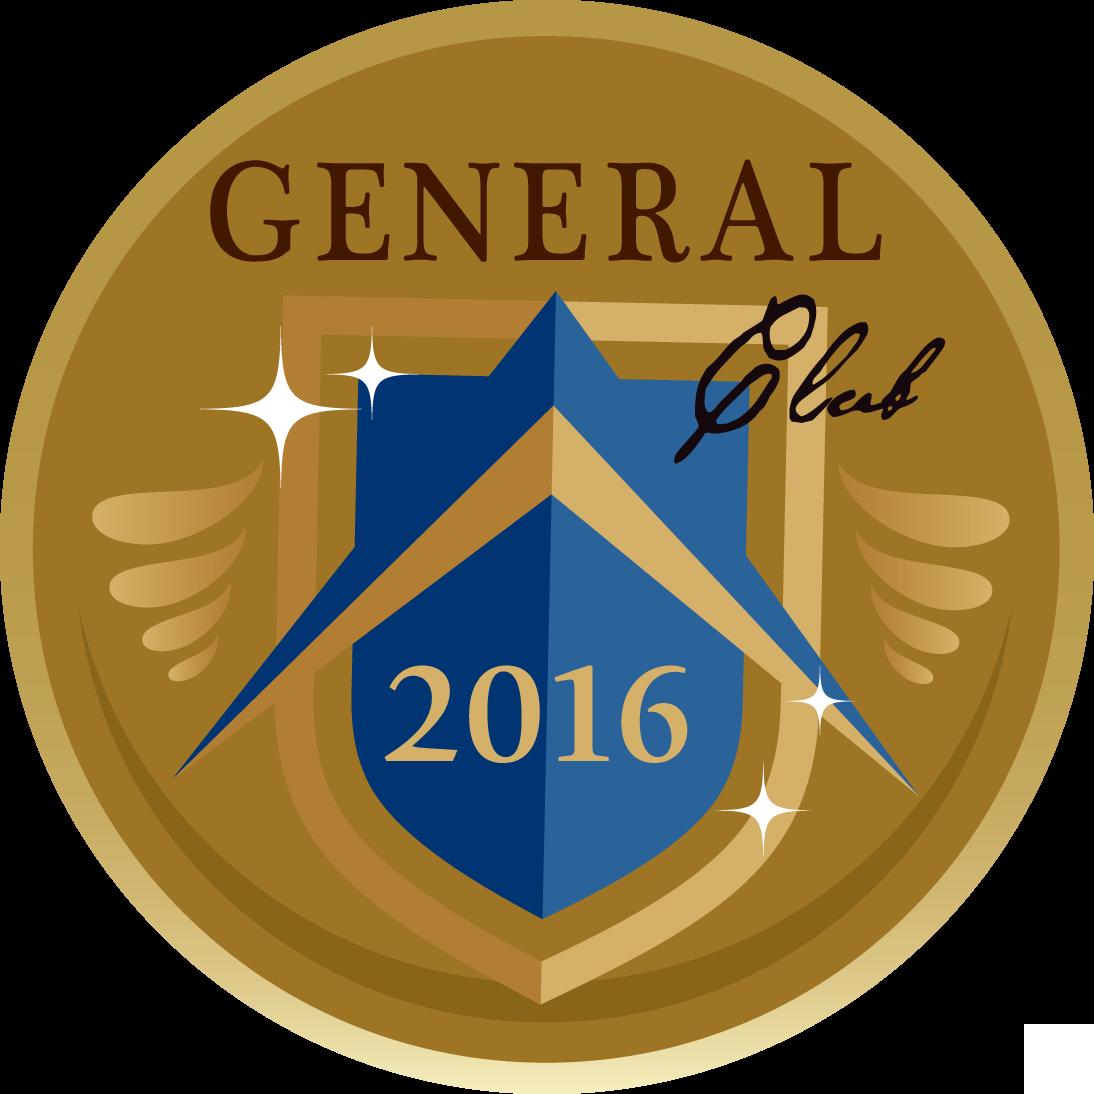 General_Club-2016 (003)